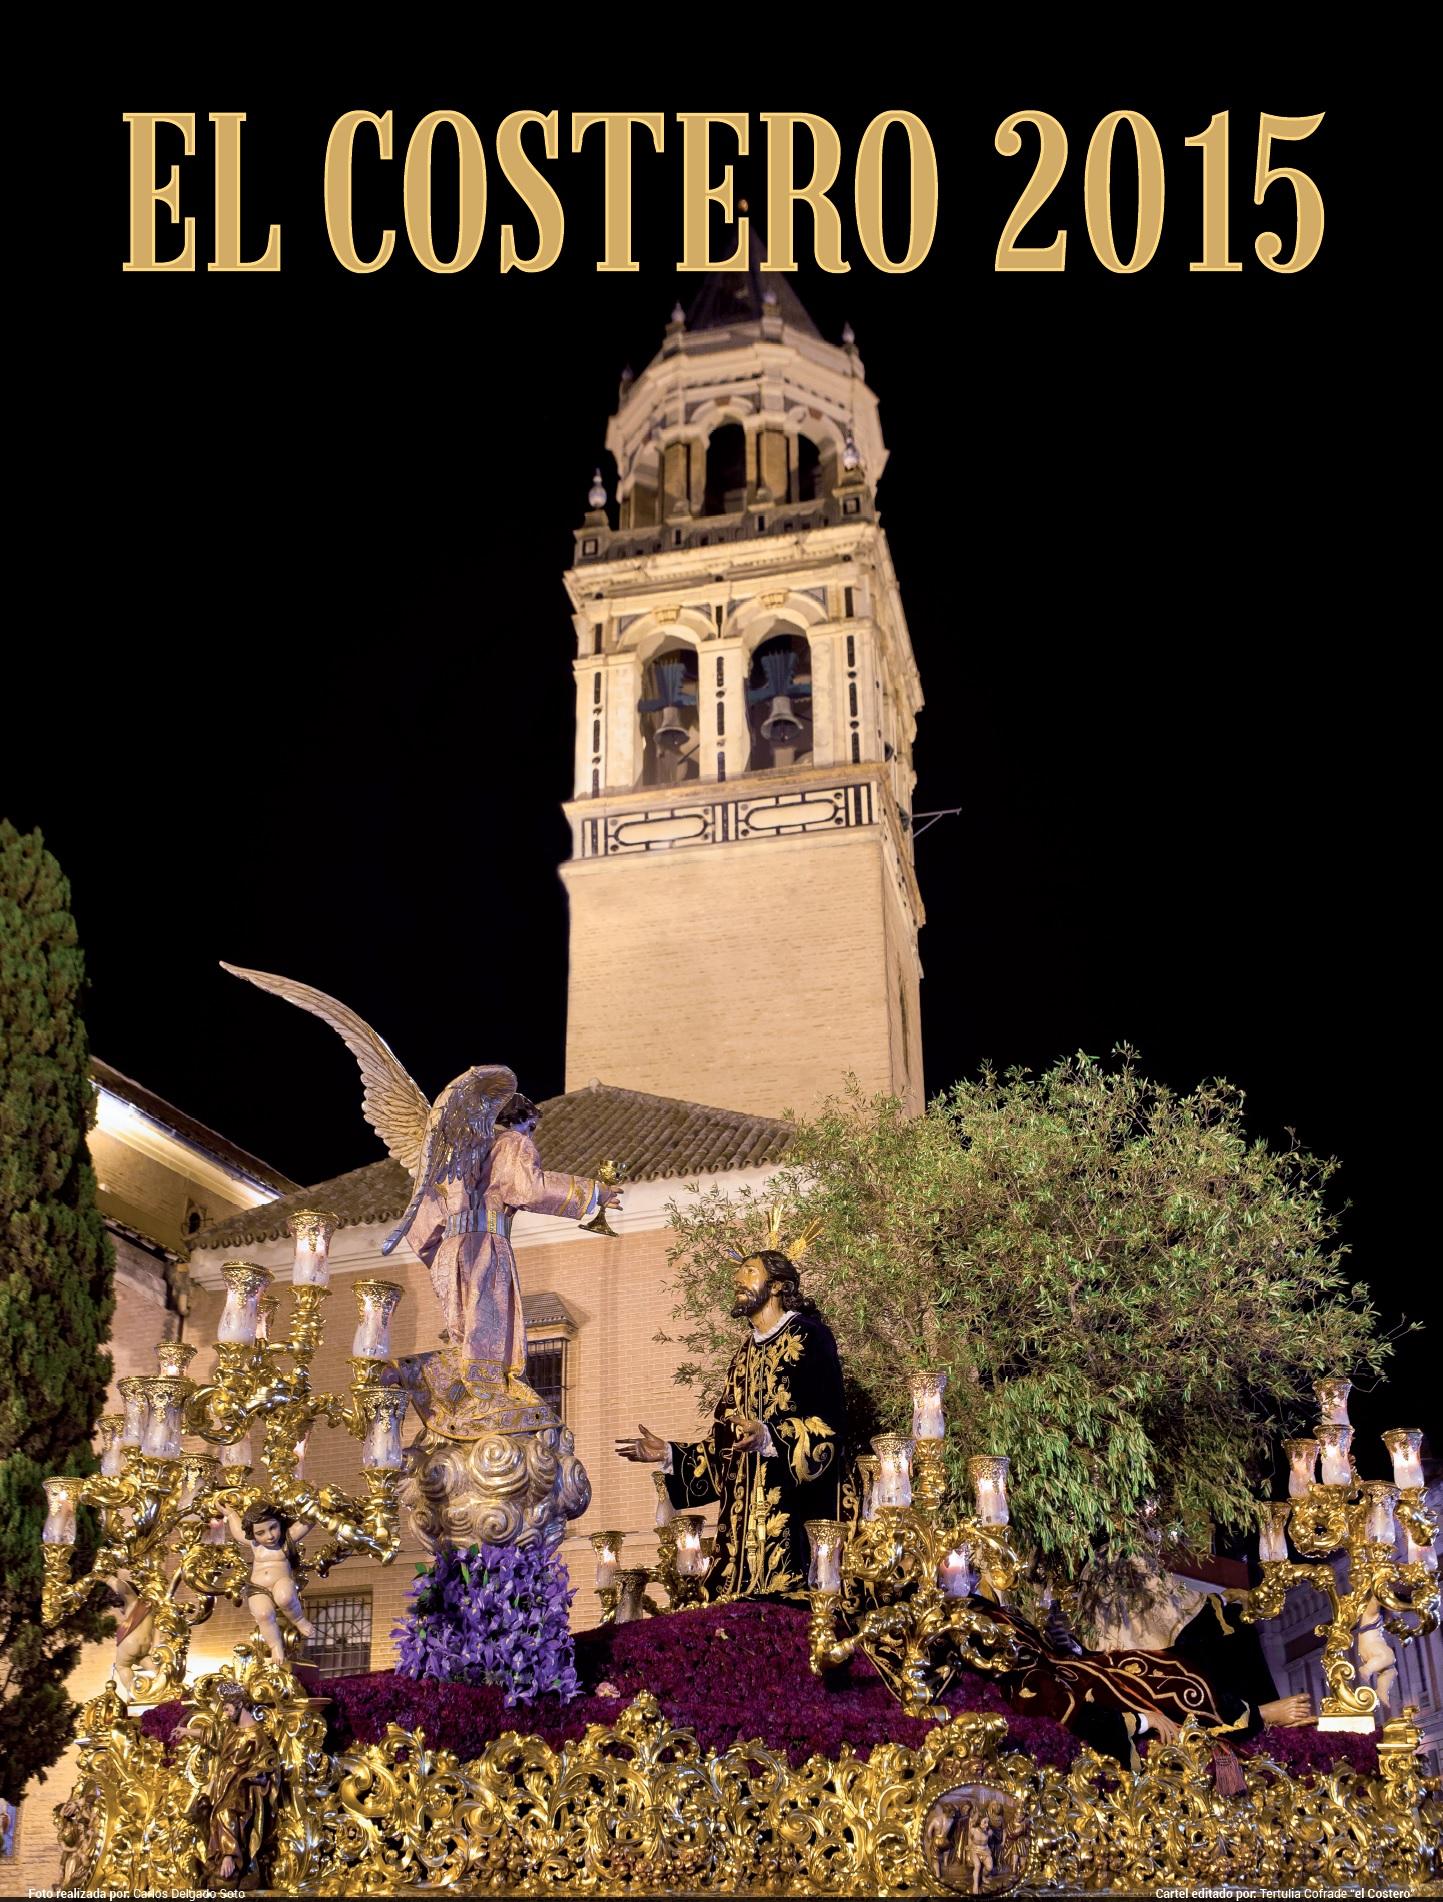 Fotografía ganadora de la edición 2015 tomada por Carlos Delgado Soto.